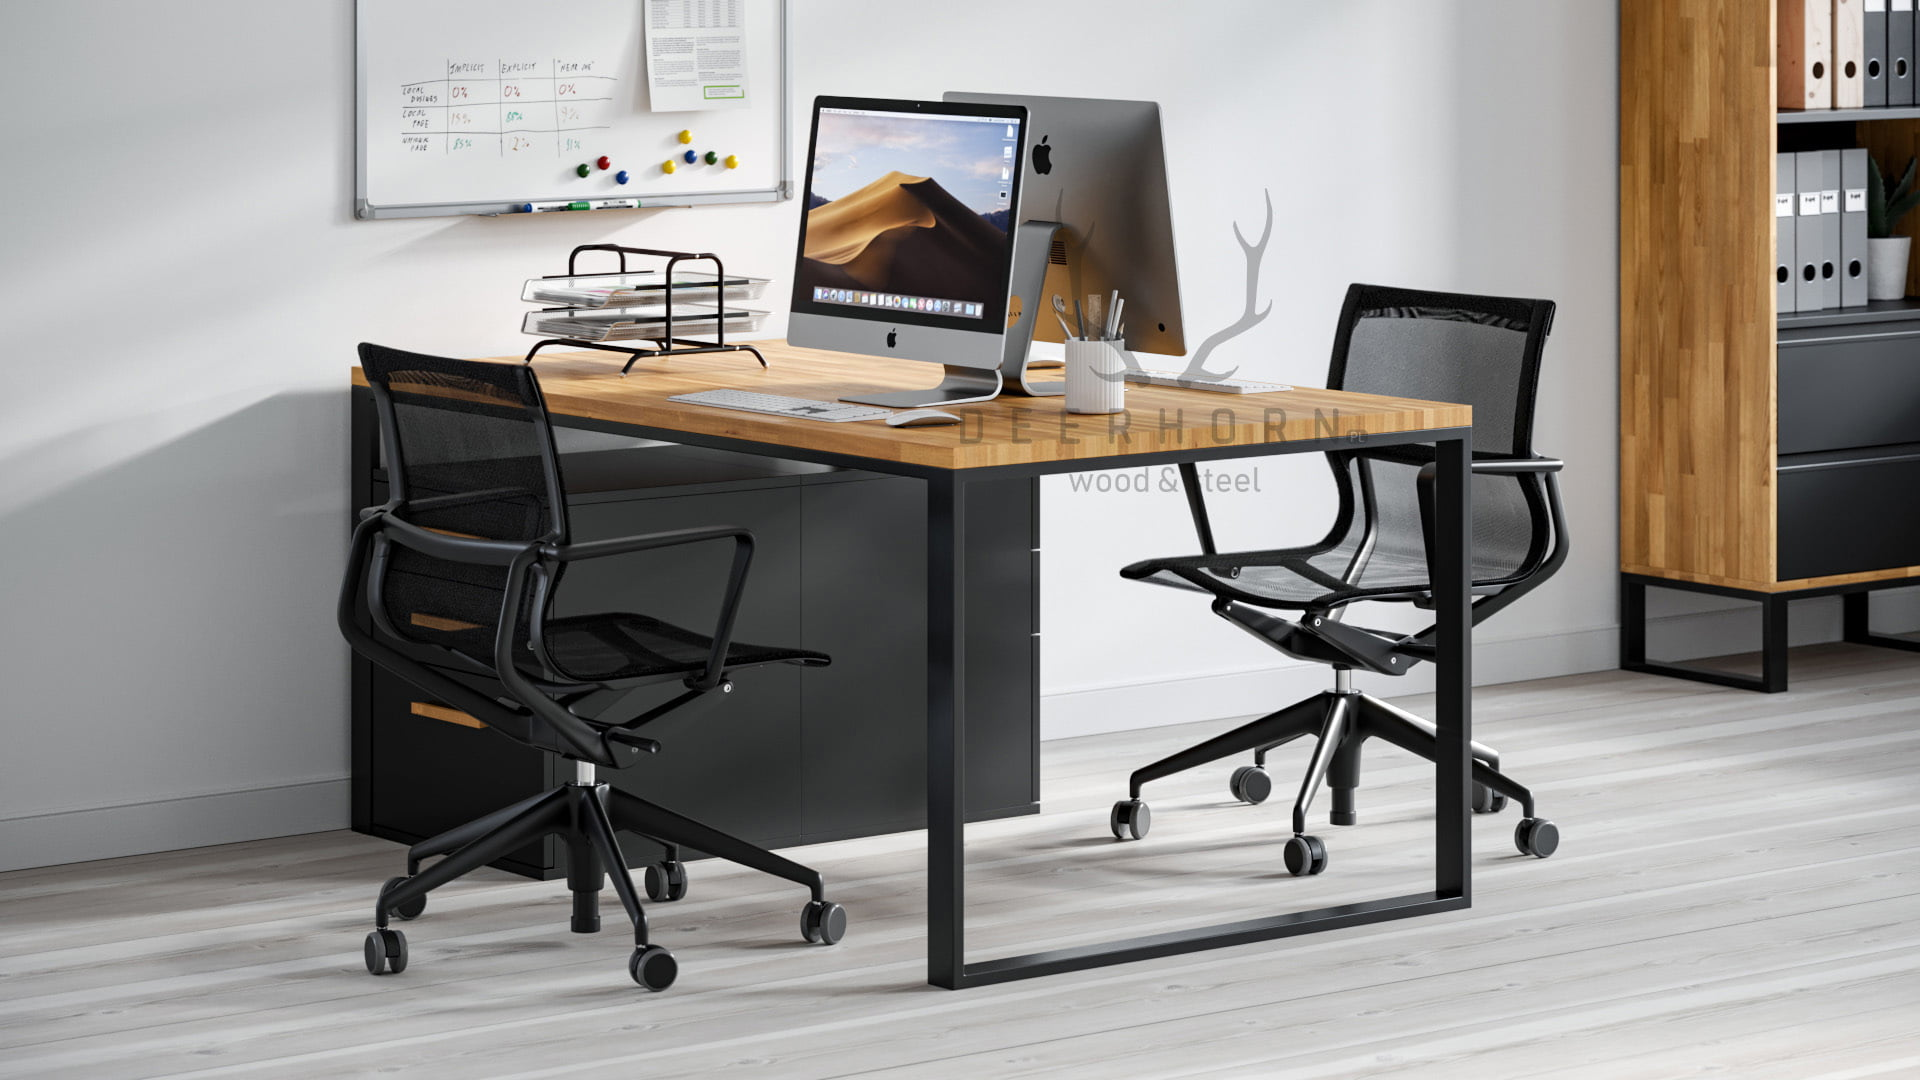 biurko nadwie osoby industrialne